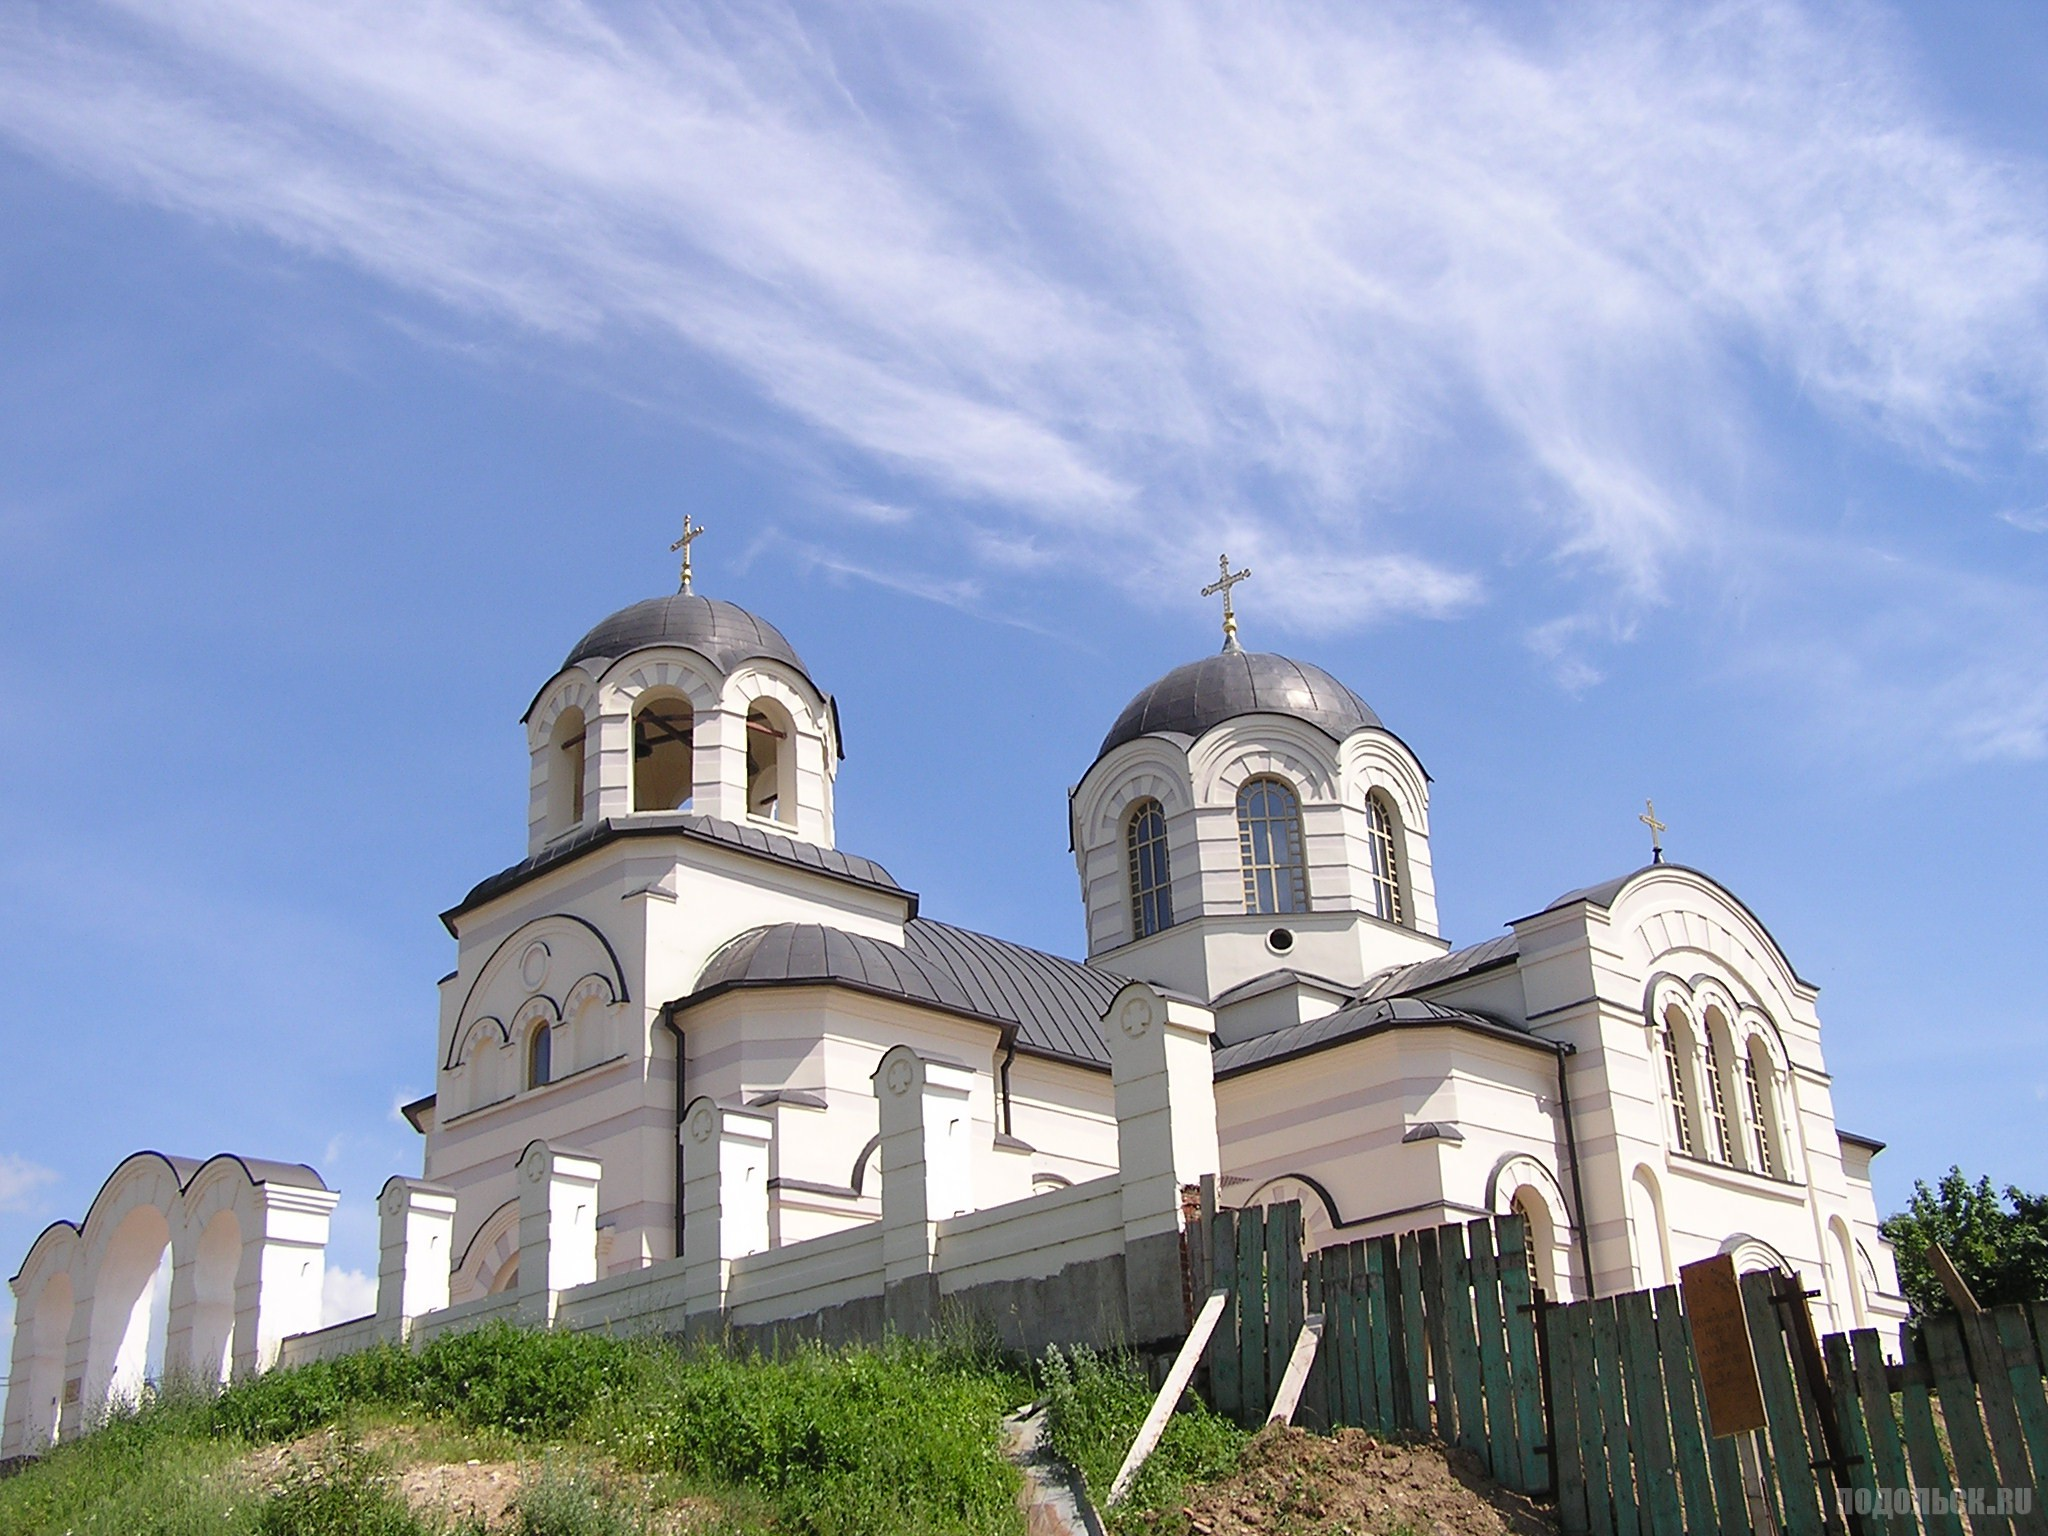 Храм Иоанна Богослова в Сынкове. Июнь 2016 г.